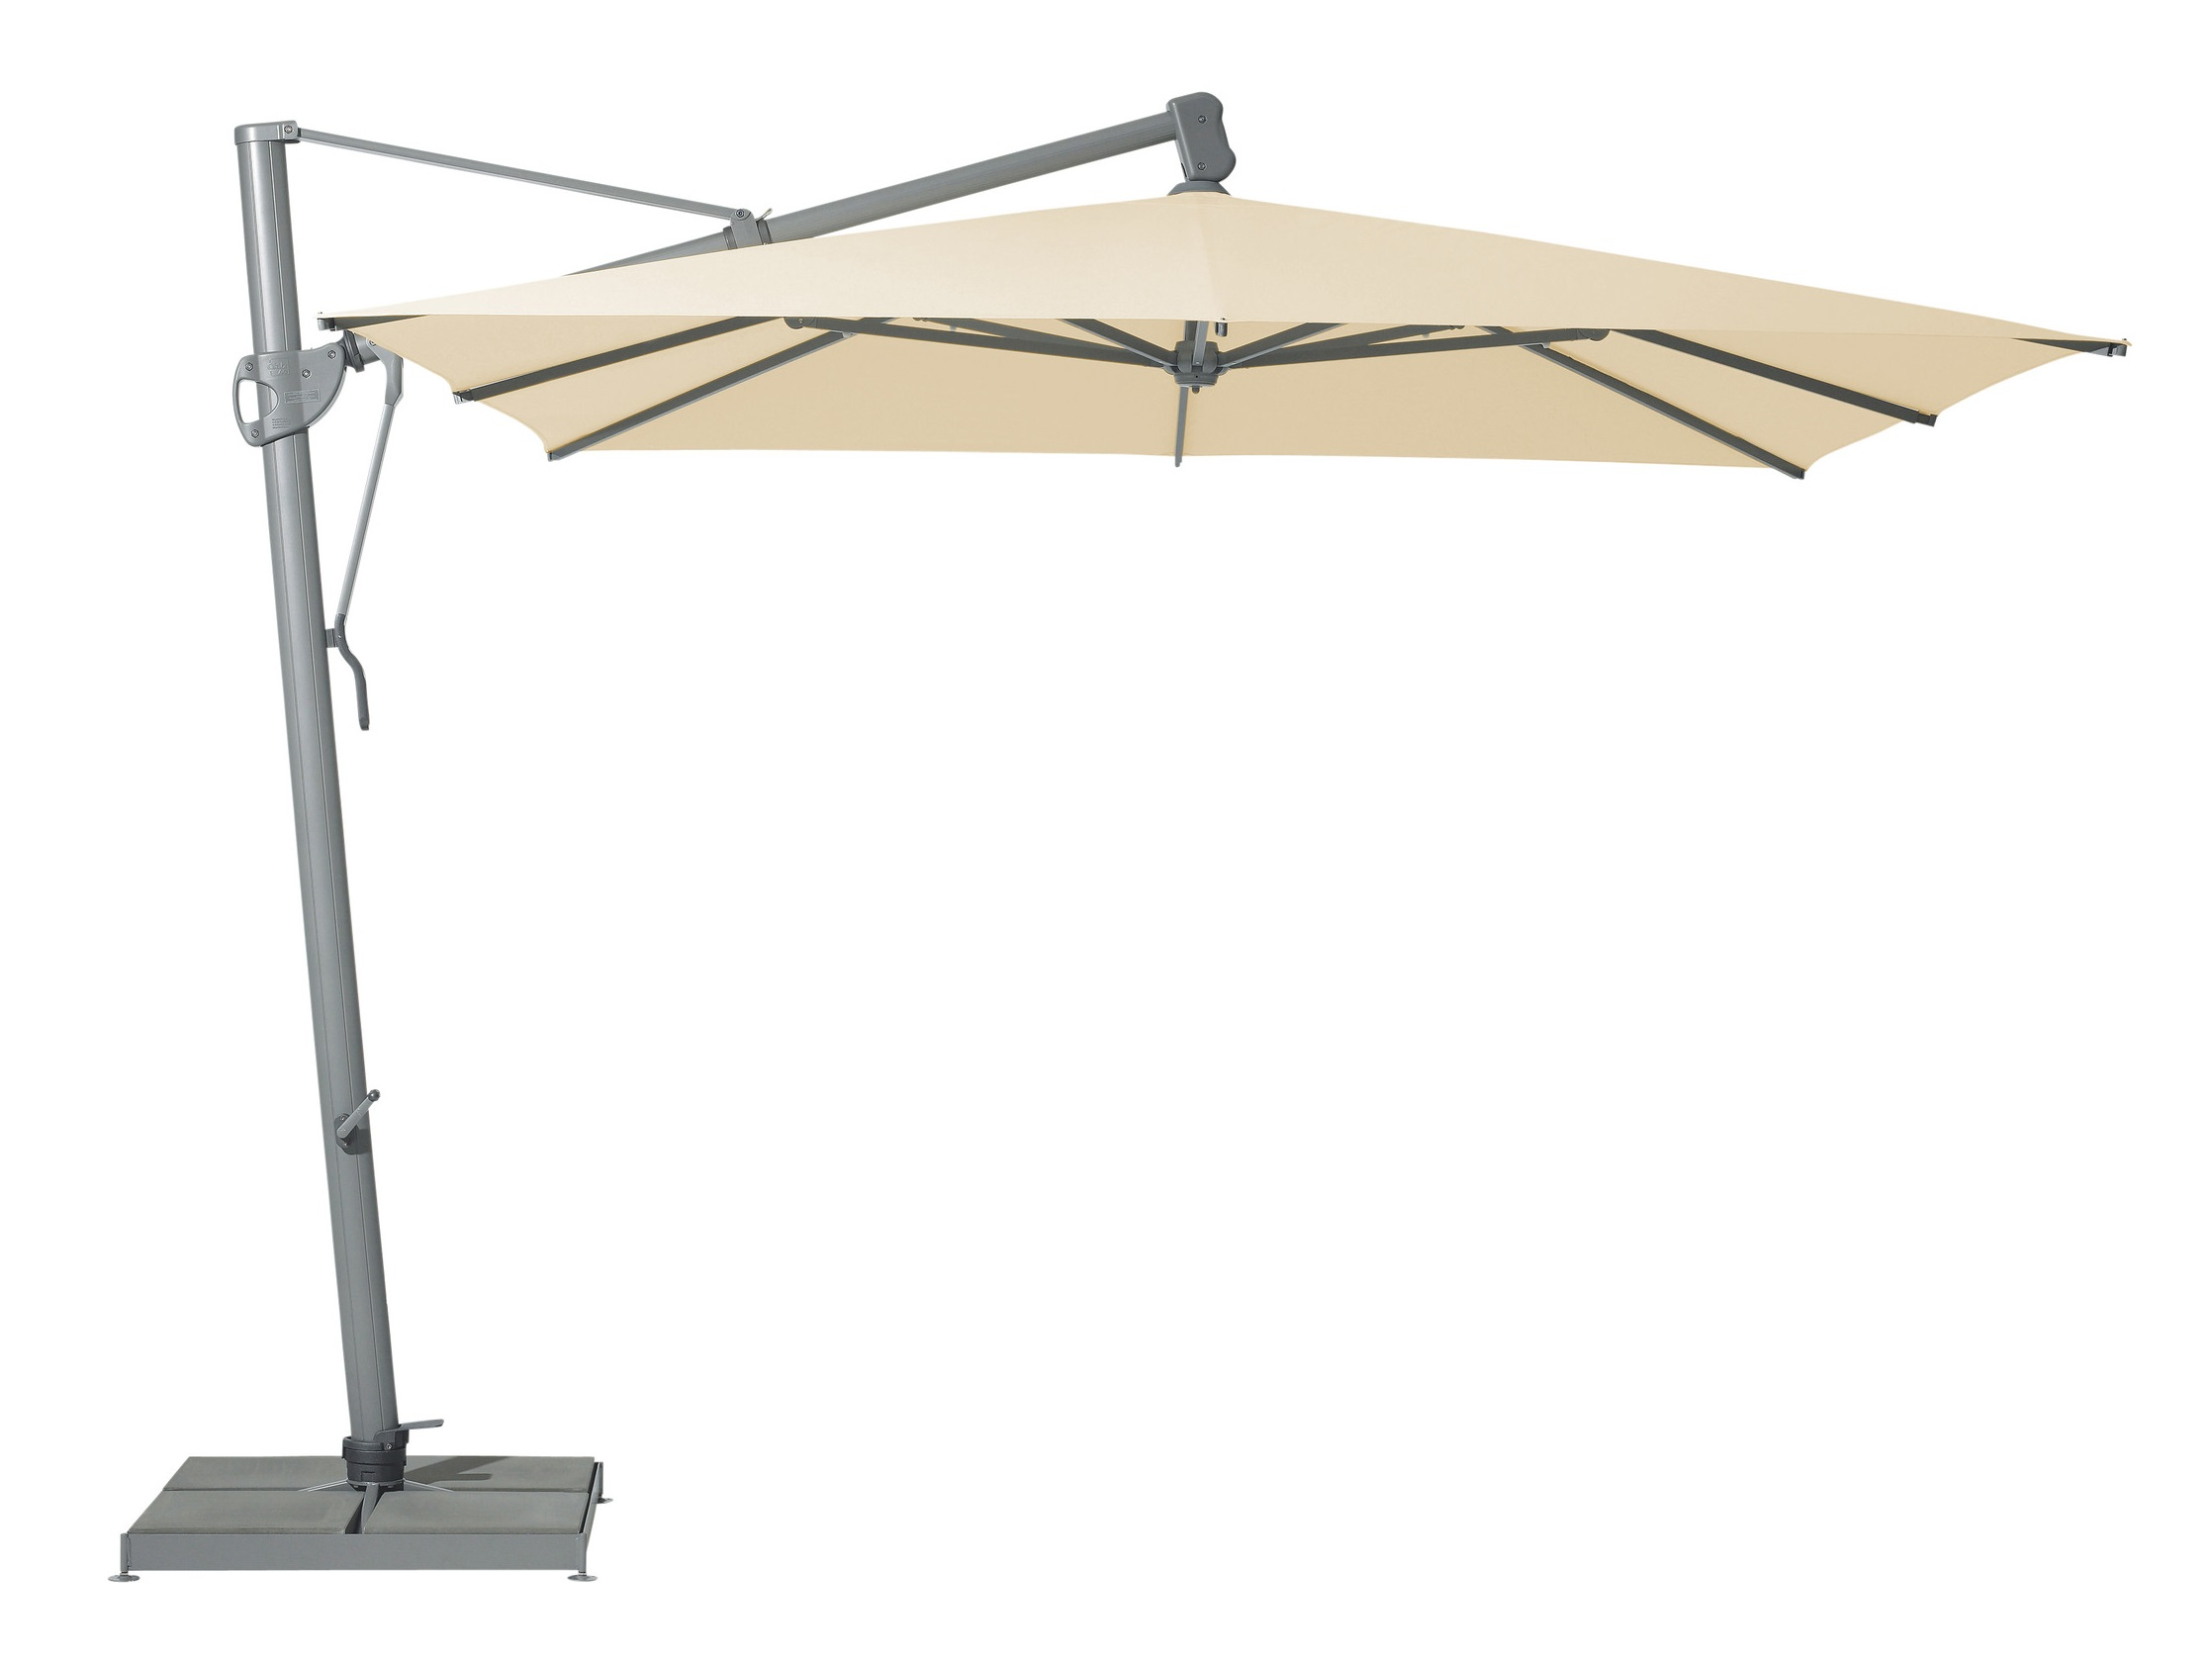 Уличный зонт SunflexТенты и зонты<br>Квадратный зонт с боковой опорой, каркас из алюминия. Вращается вокруг своей оси.&amp;amp;nbsp;&amp;lt;div&amp;gt;&amp;lt;br&amp;gt;&amp;lt;/div&amp;gt;&amp;lt;div&amp;gt;Плотность ткани 180 g/m2&amp;lt;/div&amp;gt;&amp;lt;div&amp;gt;Максимальная ветровая нагрузка 30км/ч&amp;lt;/div&amp;gt;&amp;lt;div&amp;gt;В комплект входит:  база 120кг, защитный чехол&amp;lt;/div&amp;gt;<br><br>Material: Алюминий<br>Ширина см: 300<br>Высота см: 270<br>Глубина см: 300